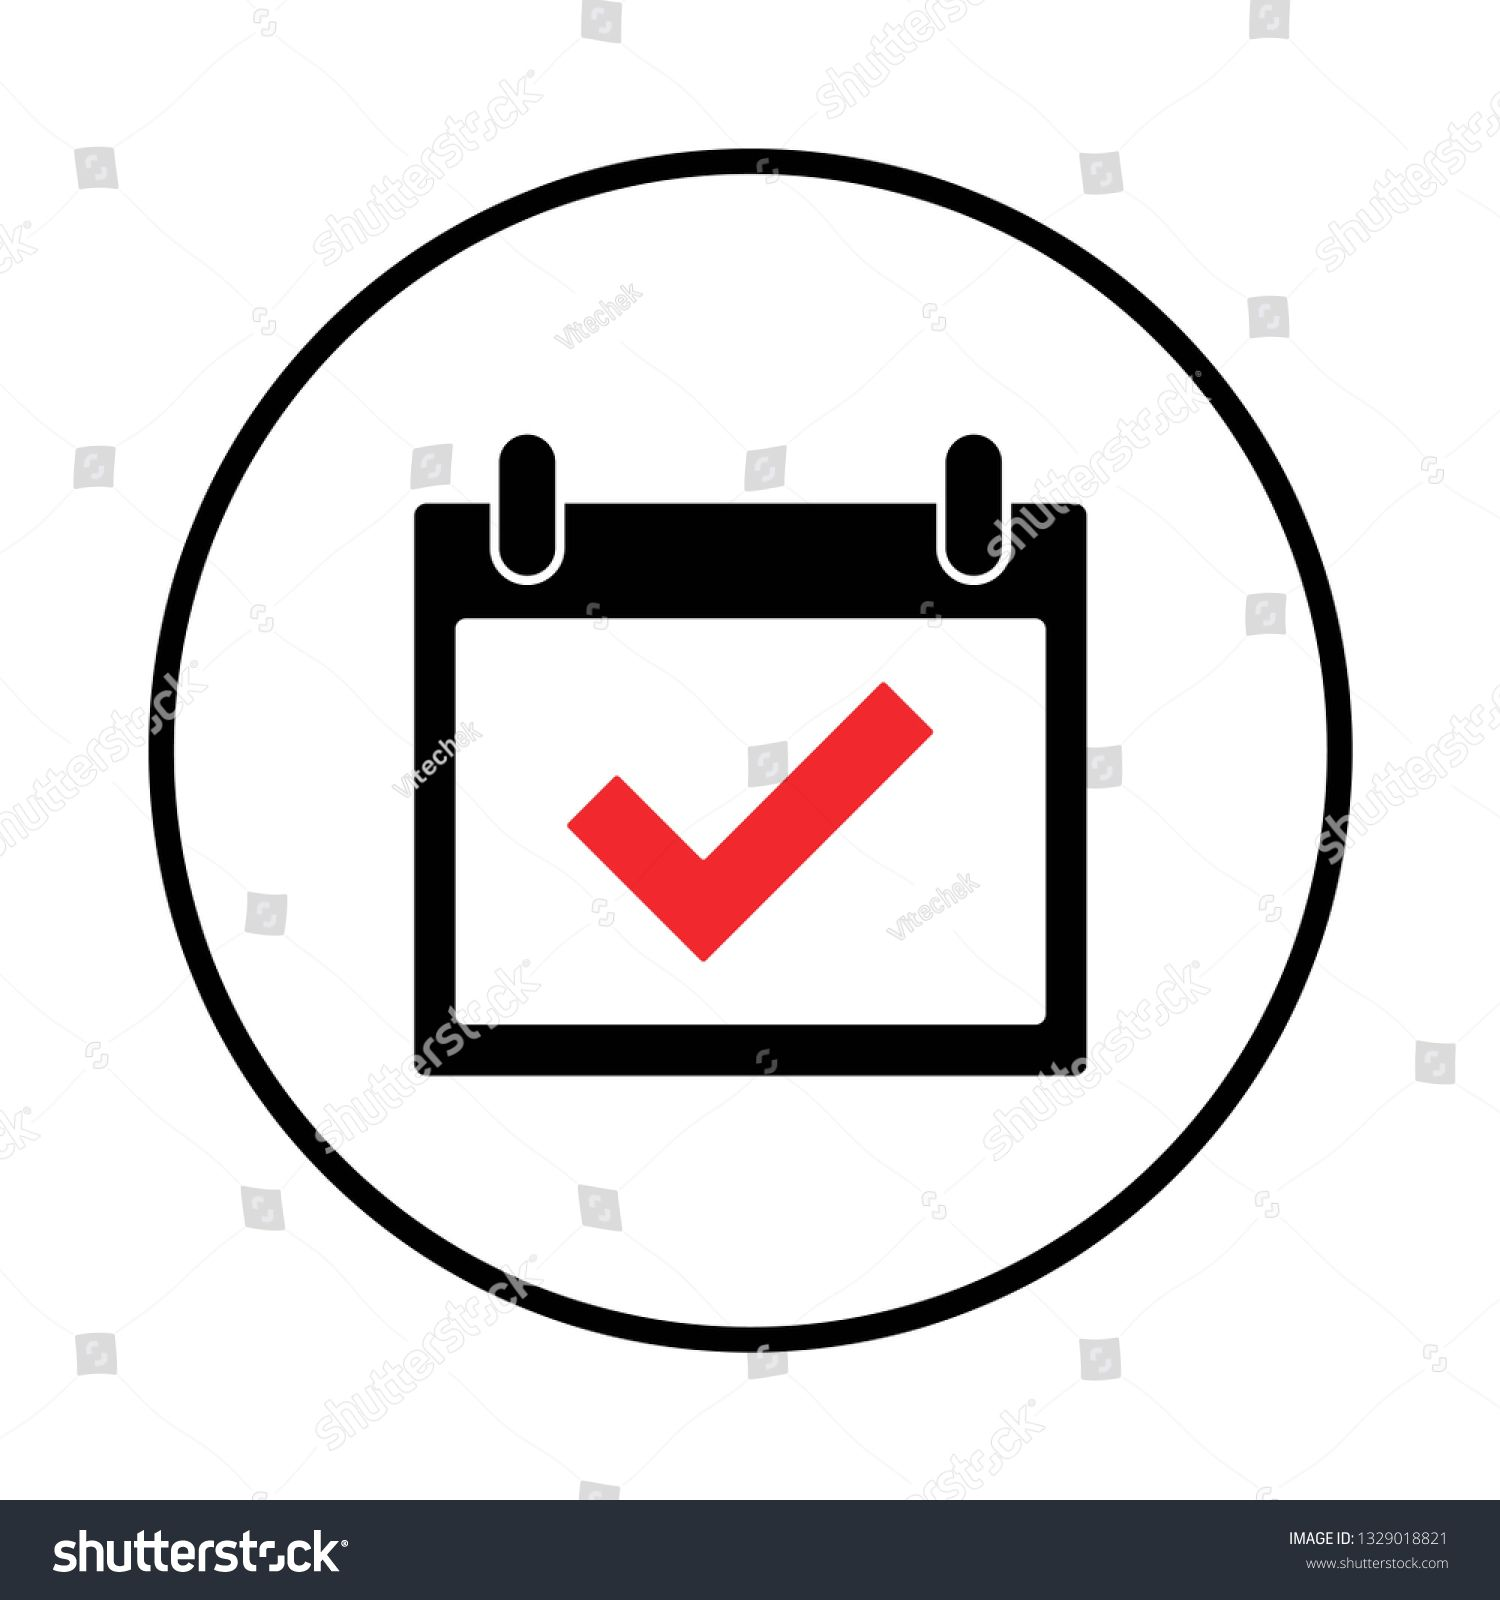 calendar icon vector. Calender symbol, check mark in the